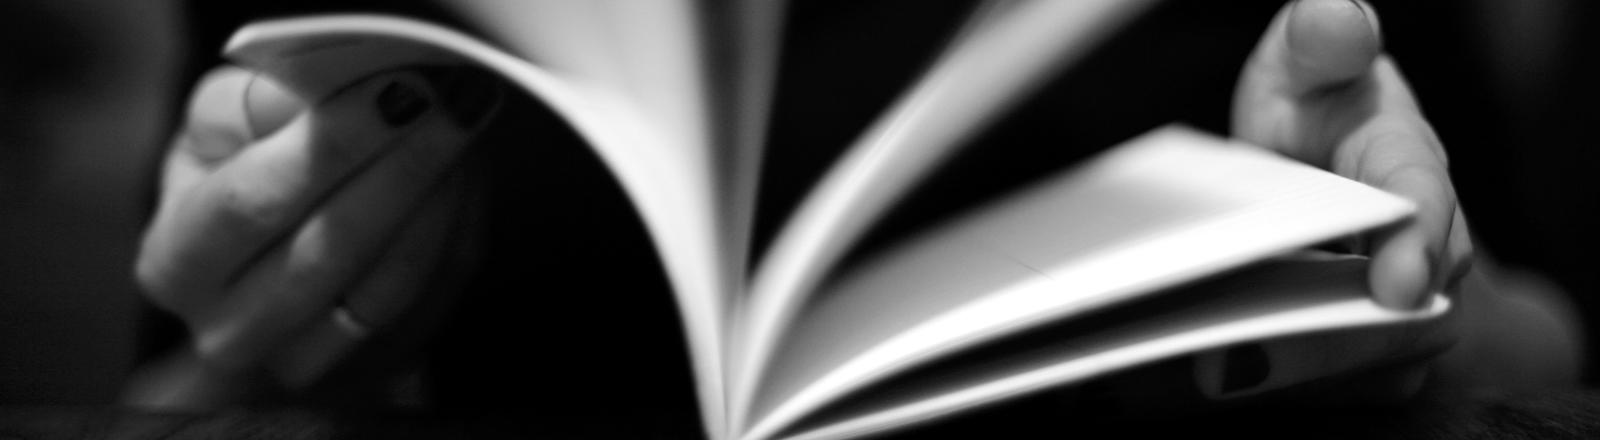 Eine Frau durchblättert ein Buch